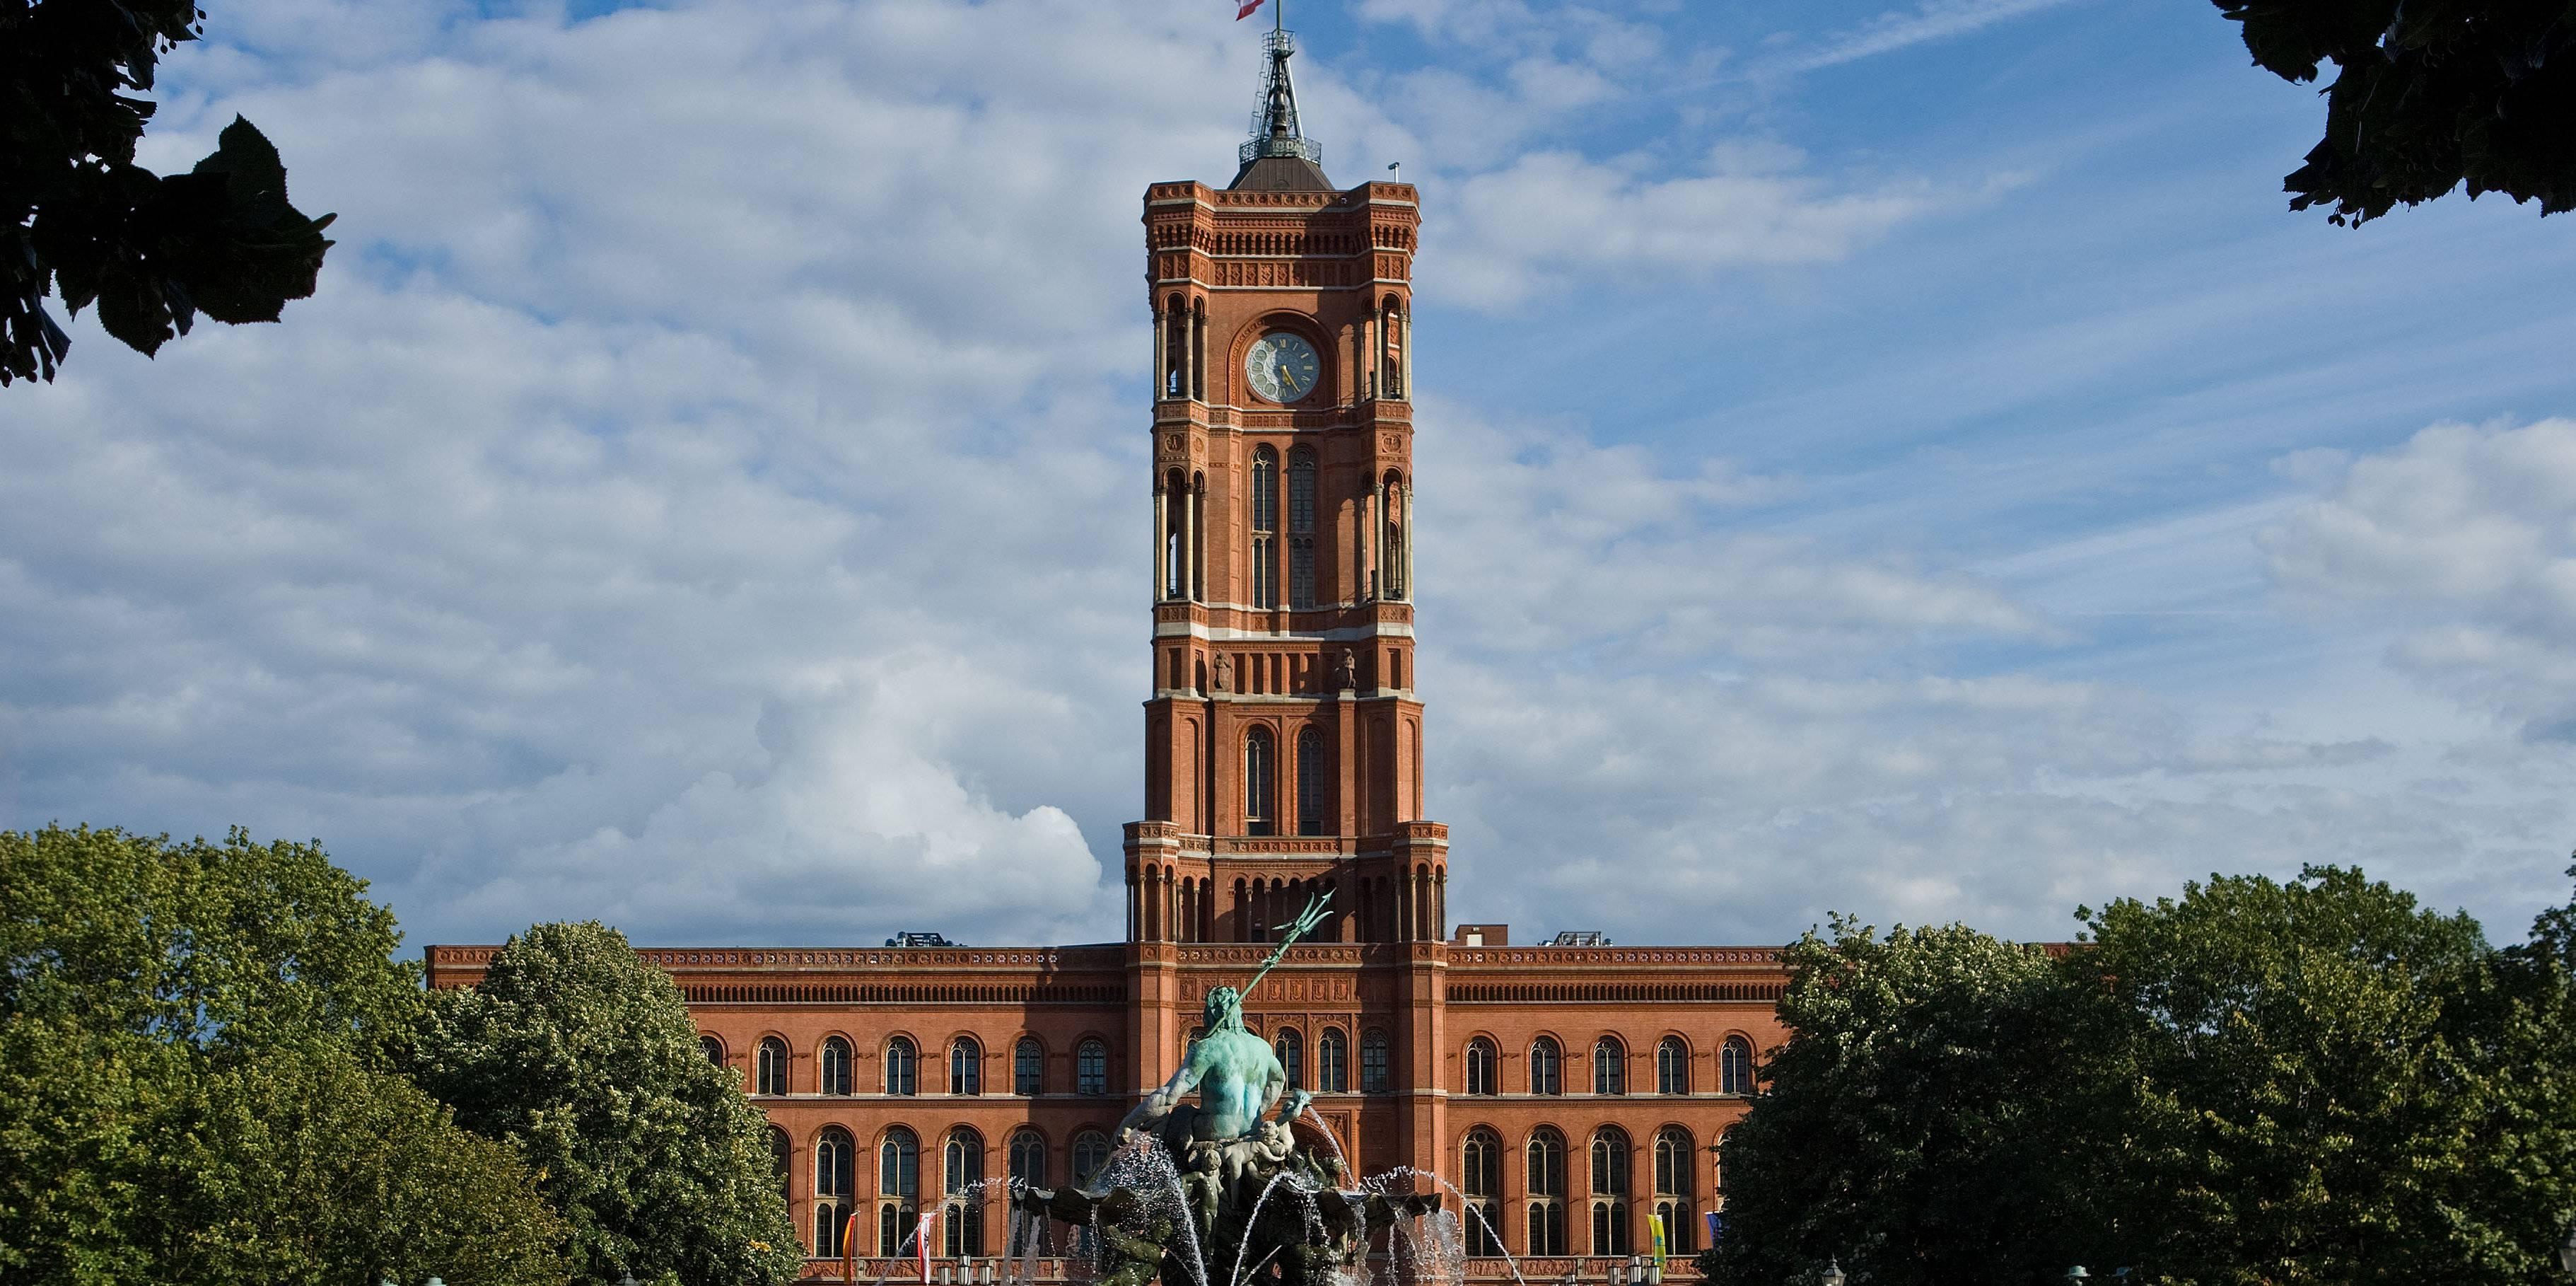 Достопримечательности берлина за 1 или 3 дня: названия знаковых объектов главного города германии, краткие описания и фото